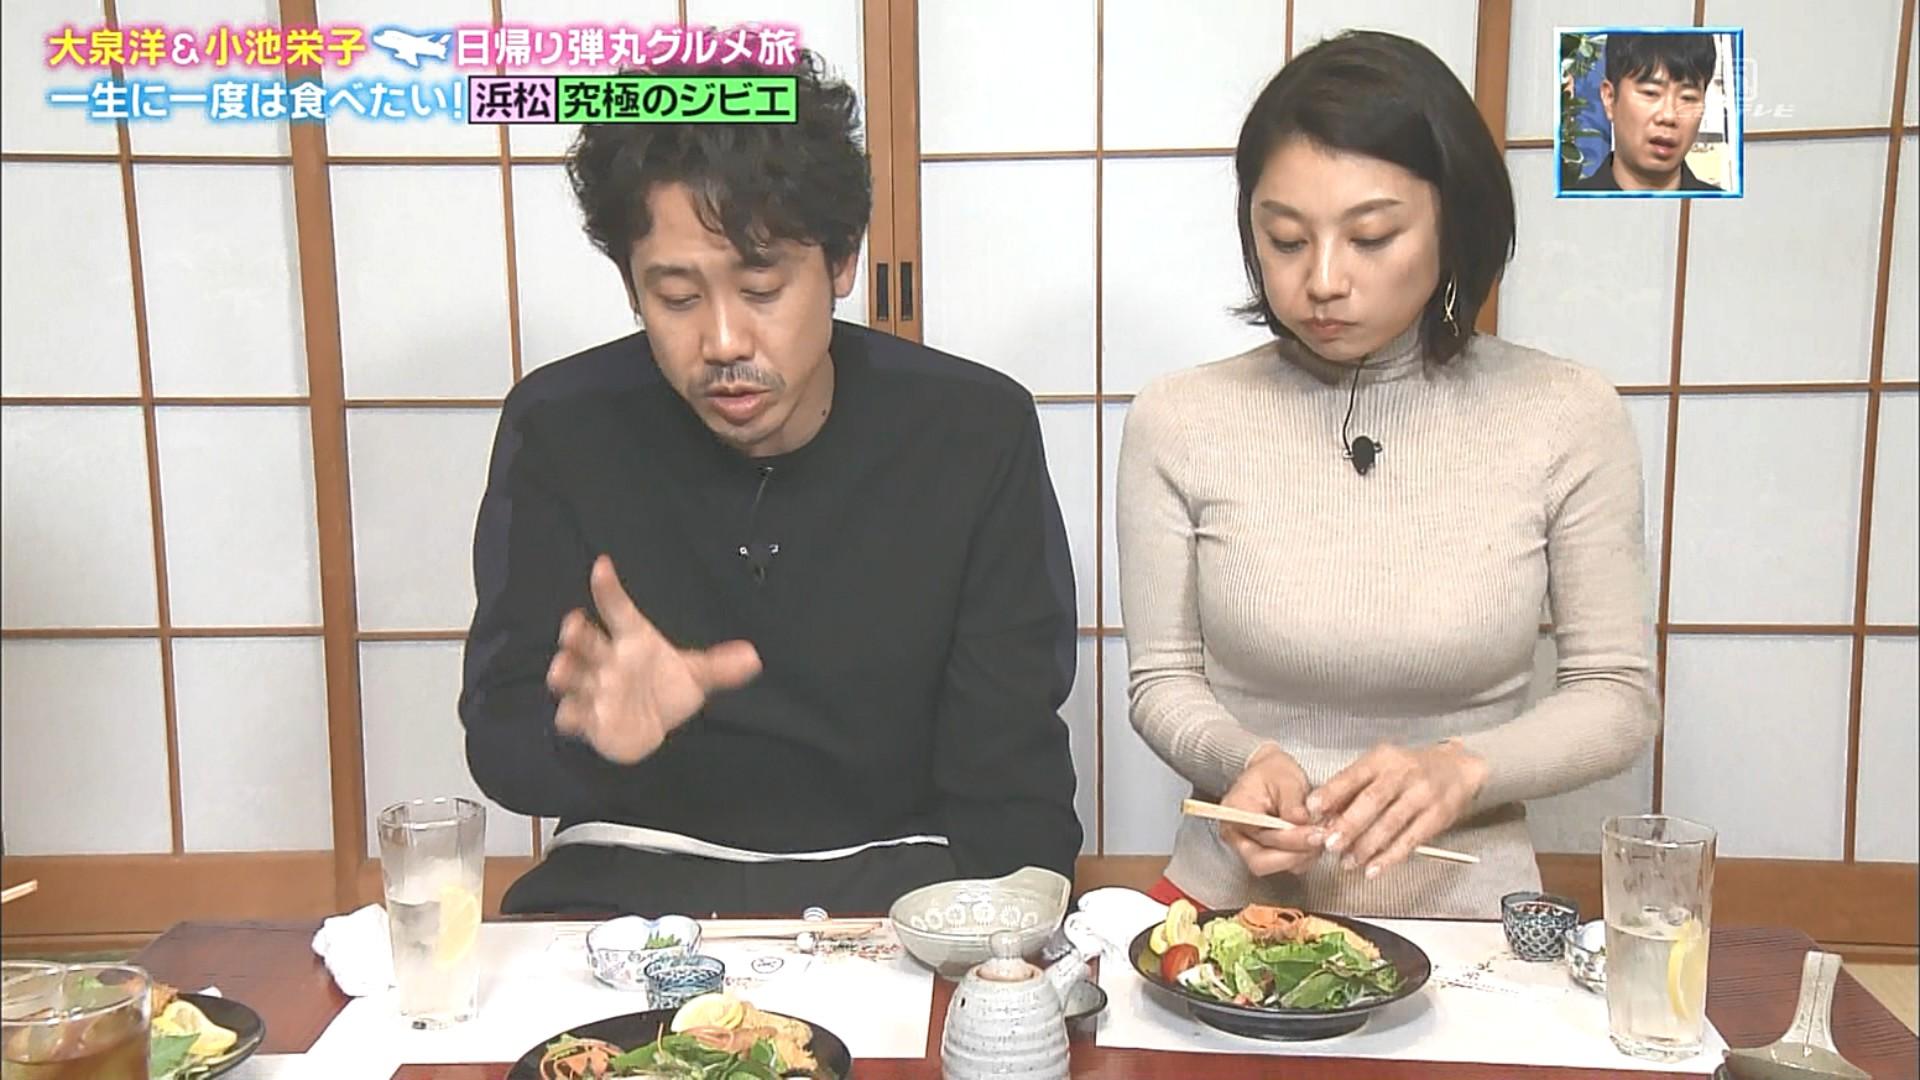 【画像】小池栄子の最新ニットお●ぱいが暴力的すぎるwwww【ぴったんこカン・カン】